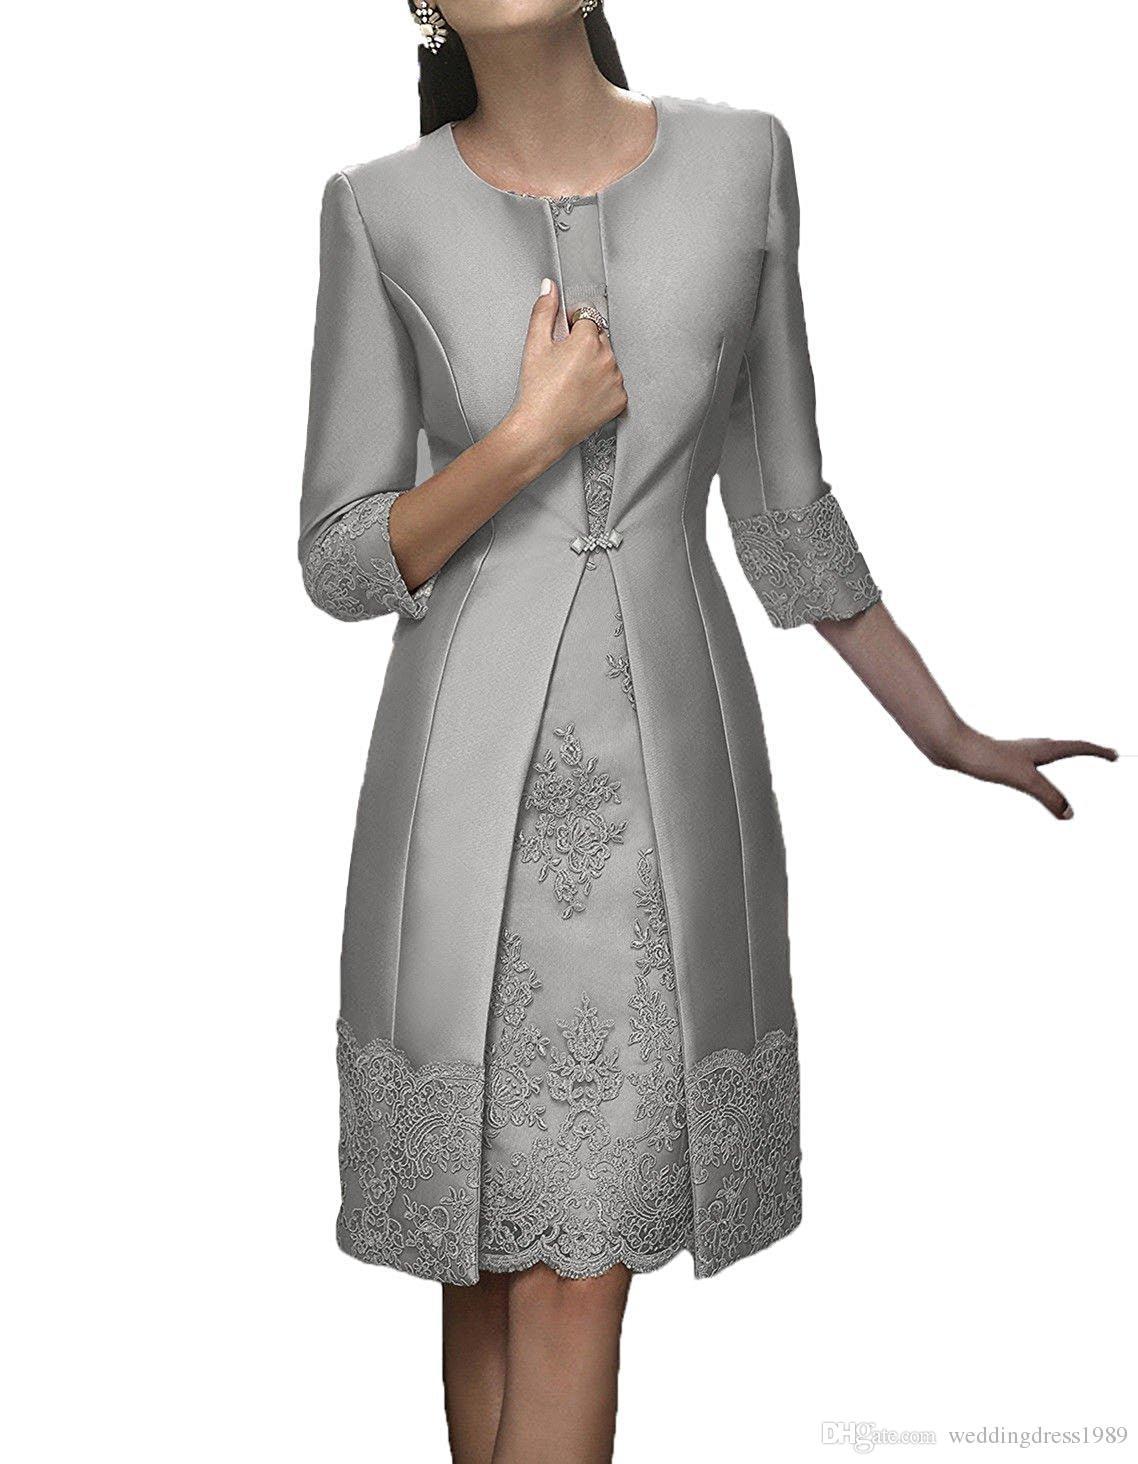 Formal Wear Bainha Curto Mãe elegante com vestidos de paletó Evening partido do laço de cetim de convidados do casamento Vestido 2018 Mãe do vestido da noiva